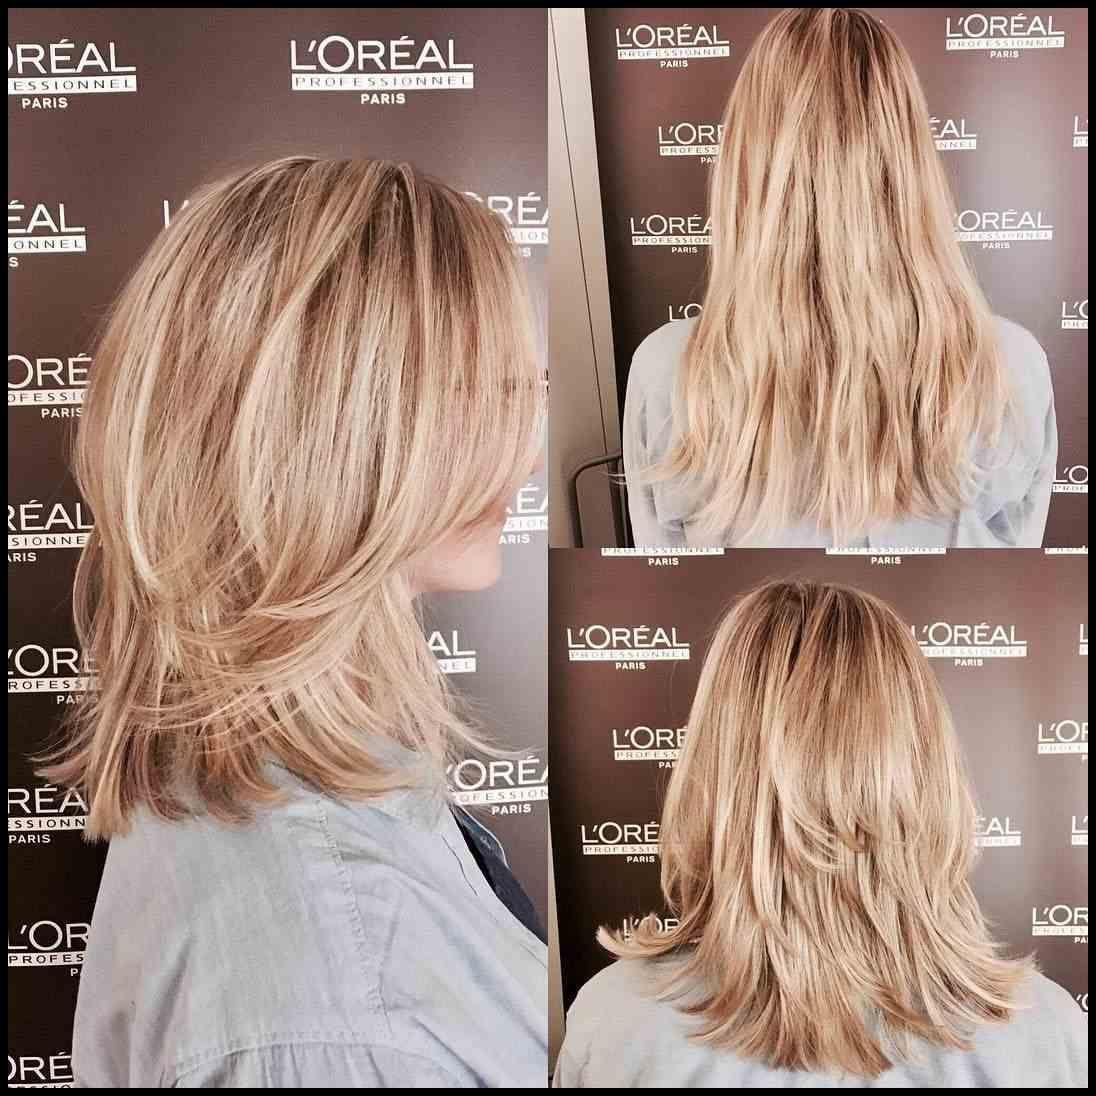 Mittellange geschichtete frisuren 2018 – Artofit   Gestufter haarschnitt,  Haarschnitt, Langhaarfrisuren